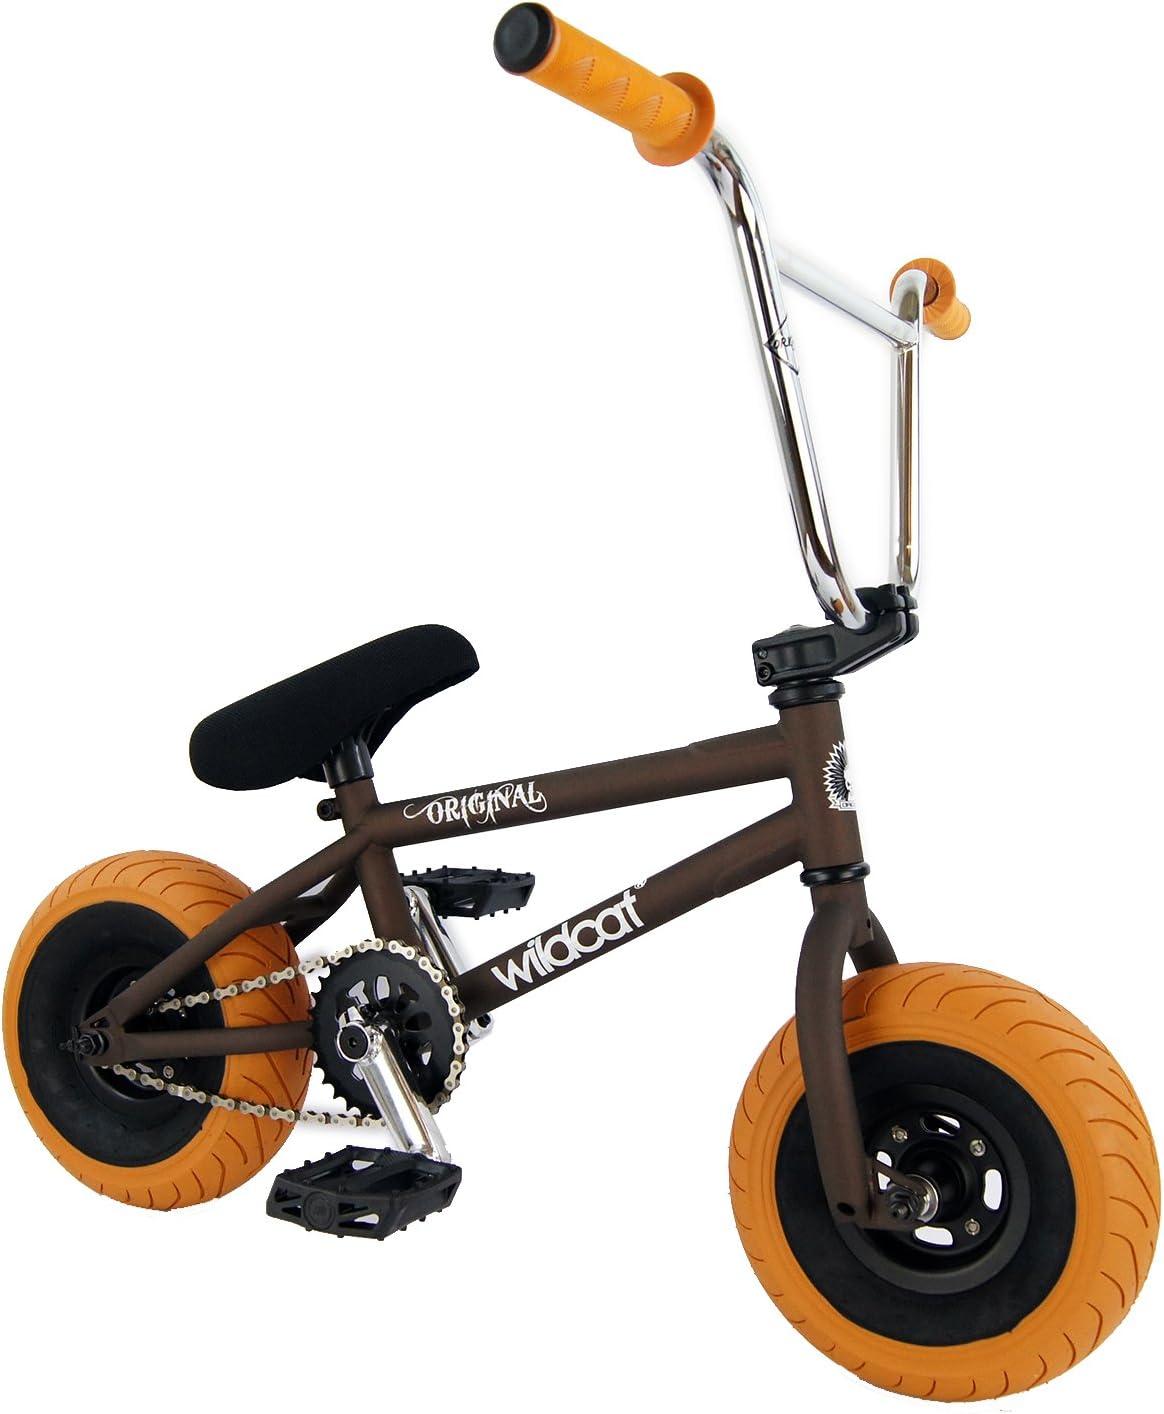 Bicicleta para acrobacias Mini BMX original con manivela de 3 ...